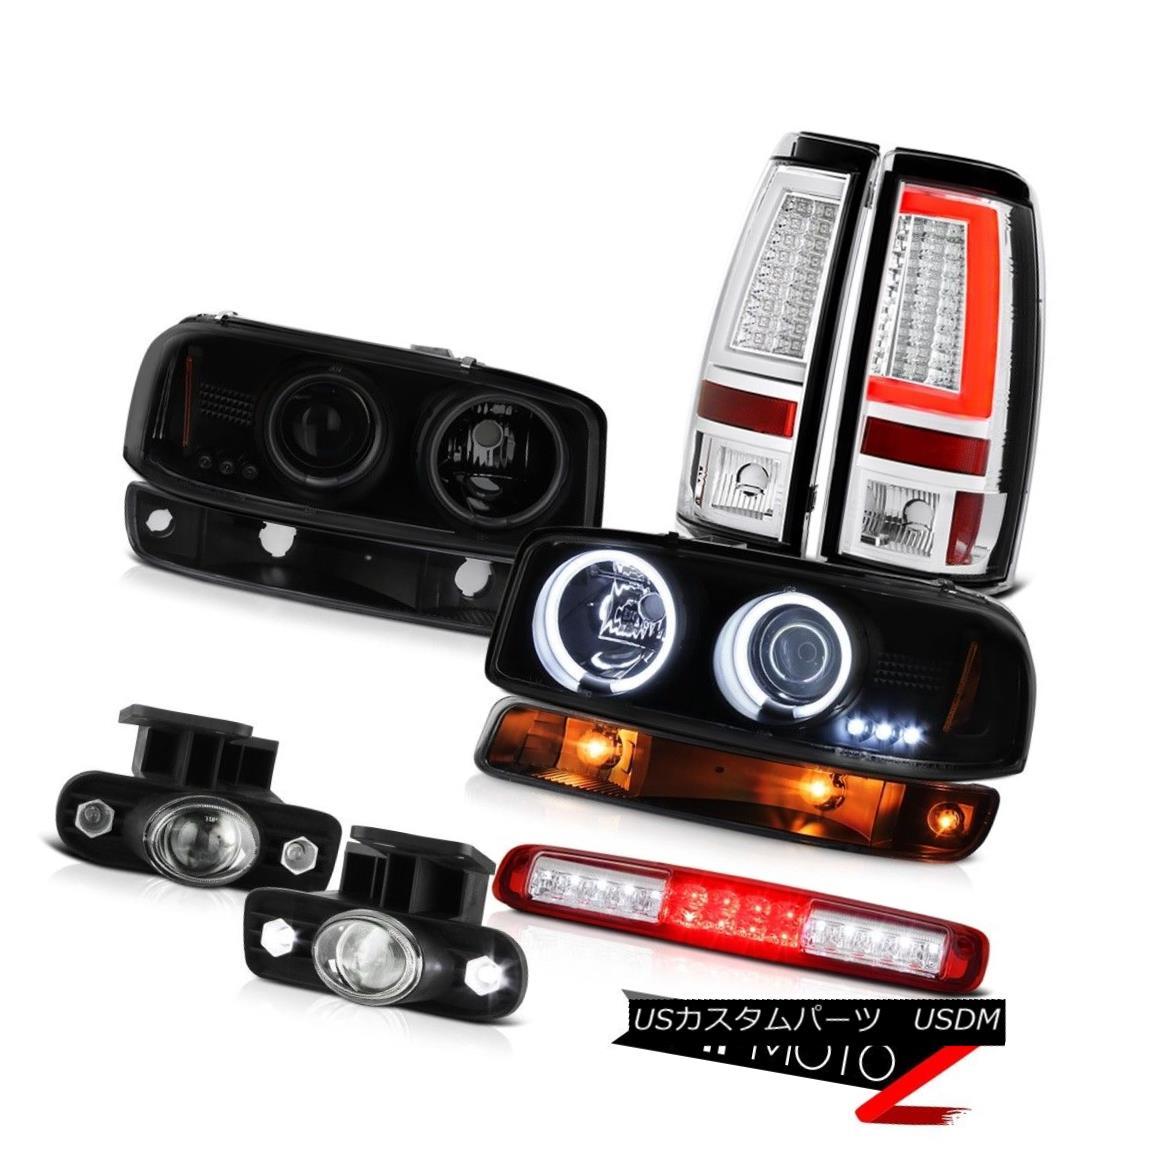 テールライト 99 00 01 02 Sierra GMT800 Tail Lamps High Stop Lamp Parking Fog CCFL Headlamps 99 00 01 02シエラGMT800テールランプハイストップランプパーキングフォグCCFLヘッドランプ